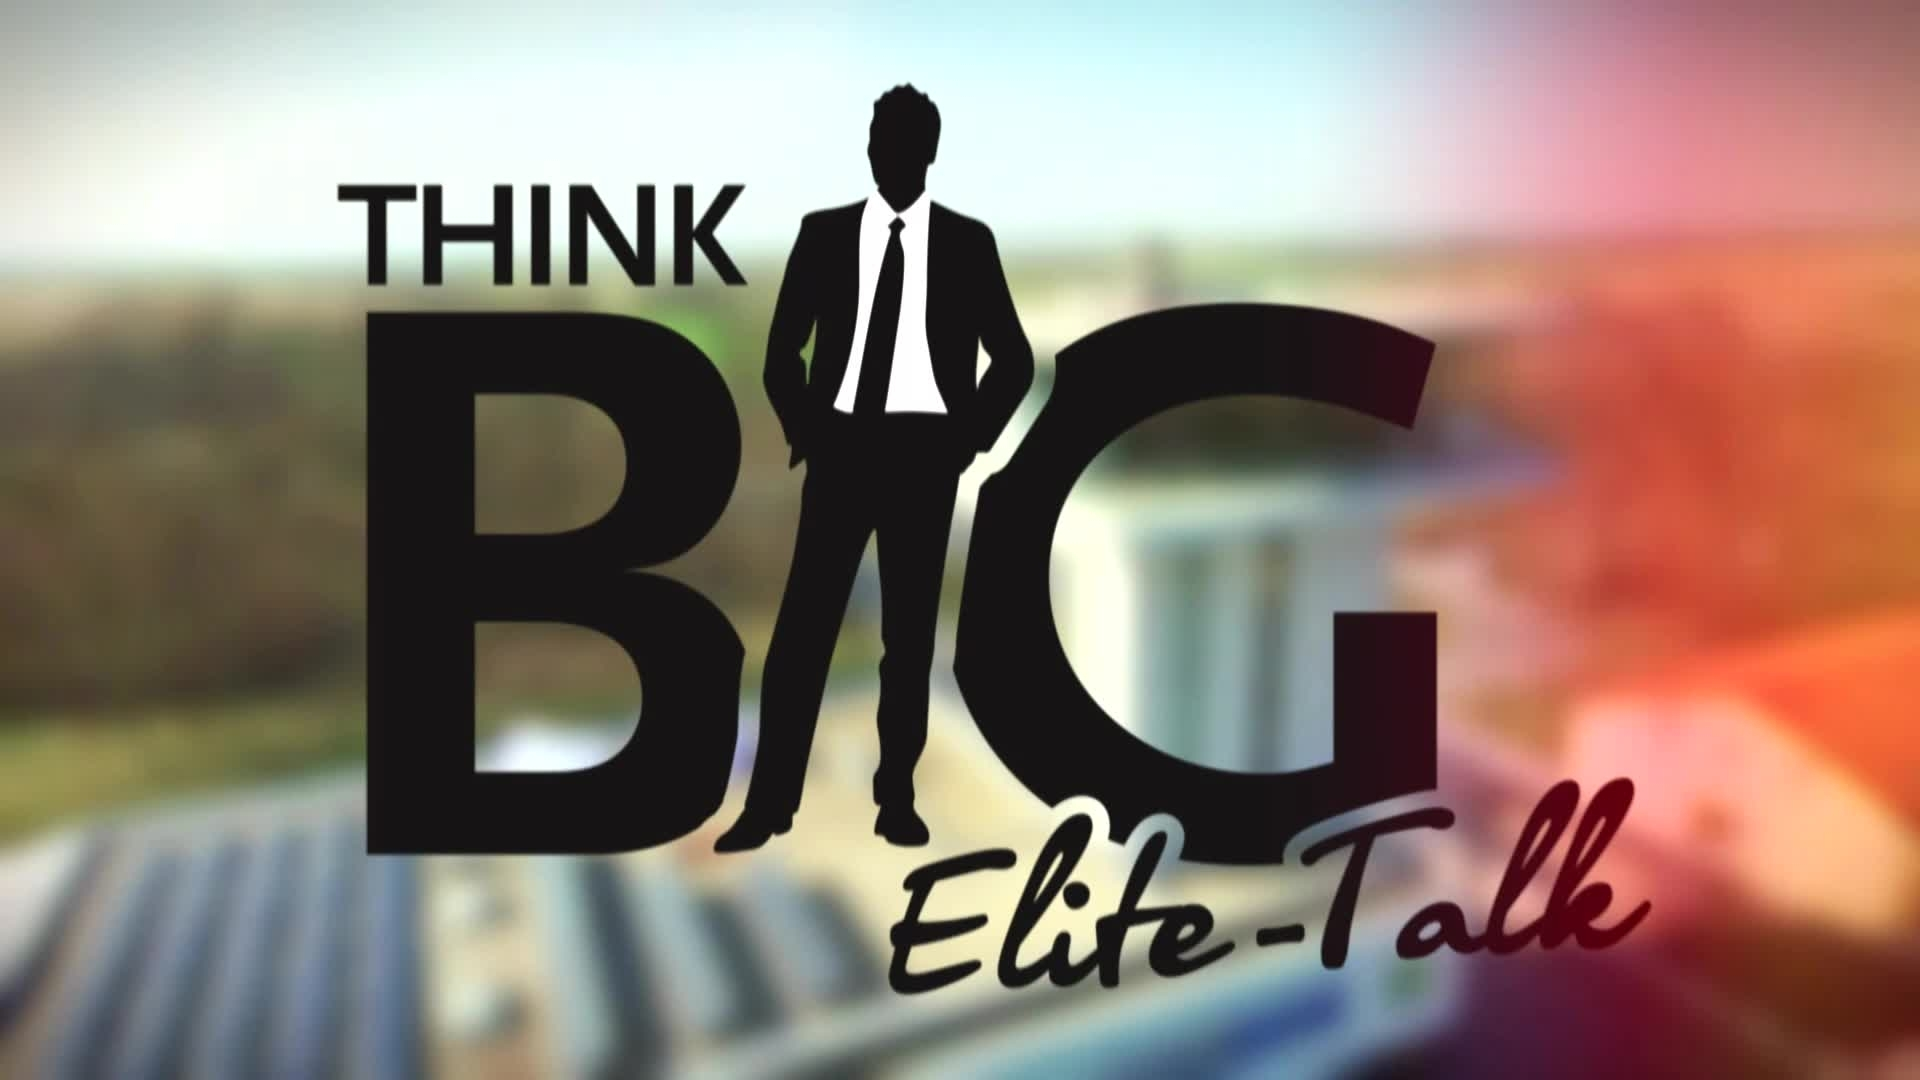 Think BIG - Teaser Gerry Seebacher